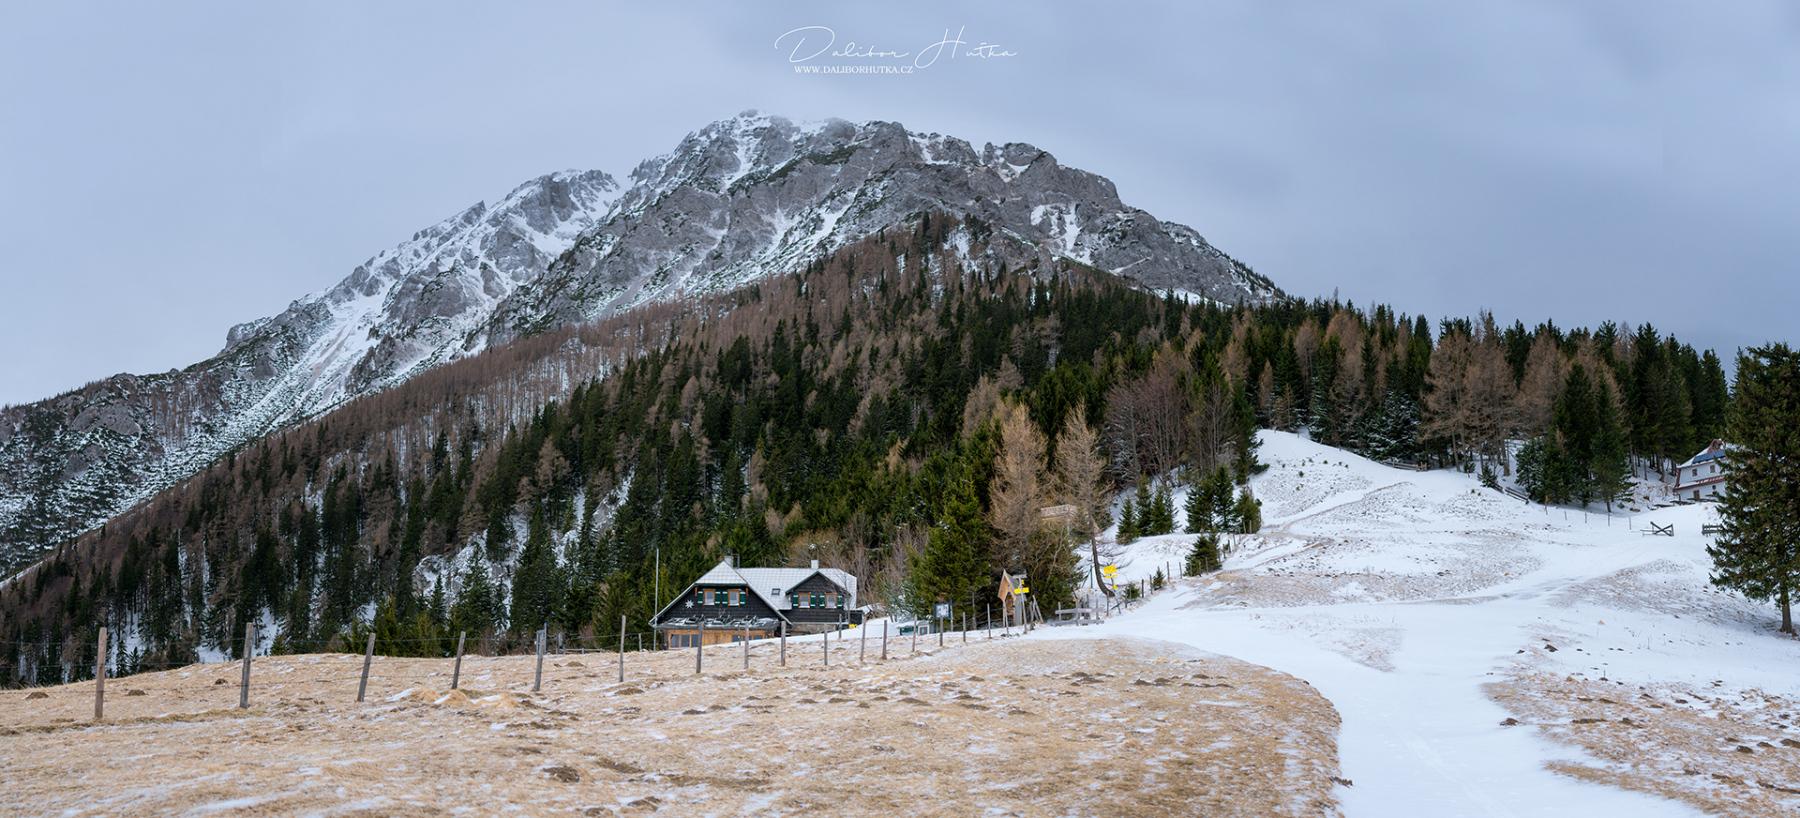 Edelweißhütte pod horou Schneeberg rakouské Alpy